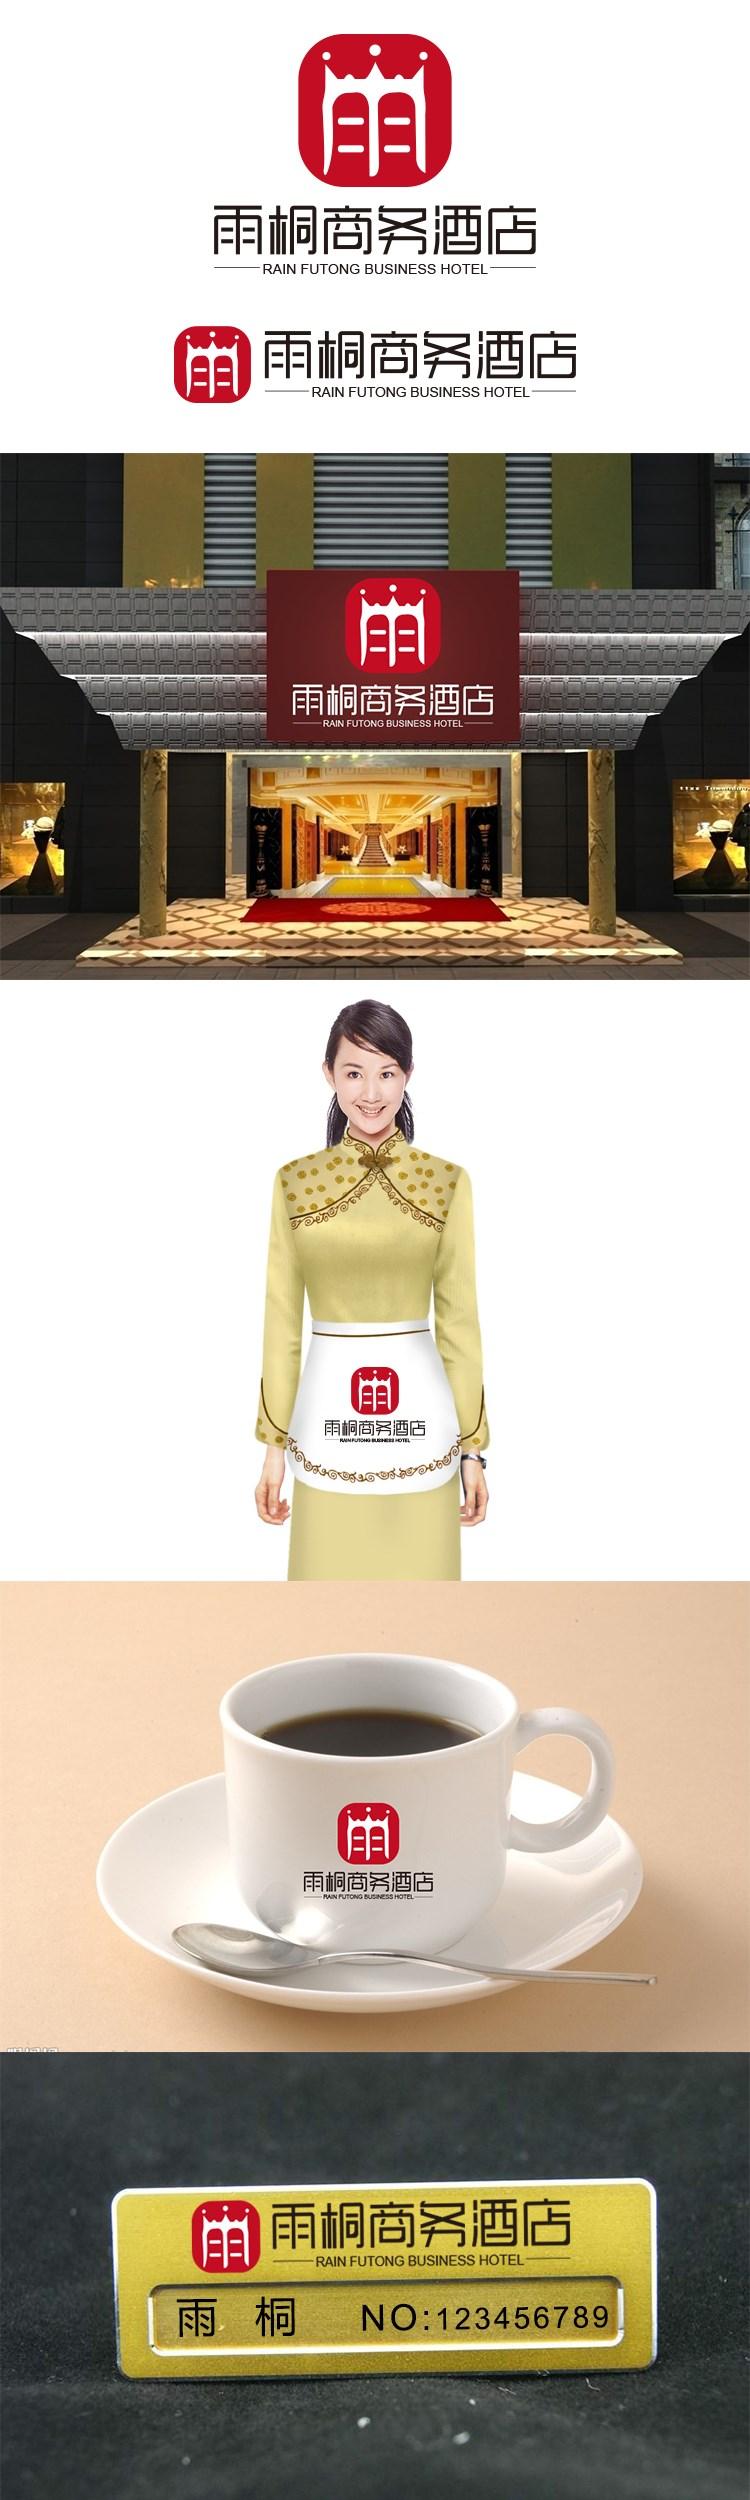 雨桐商务酒店